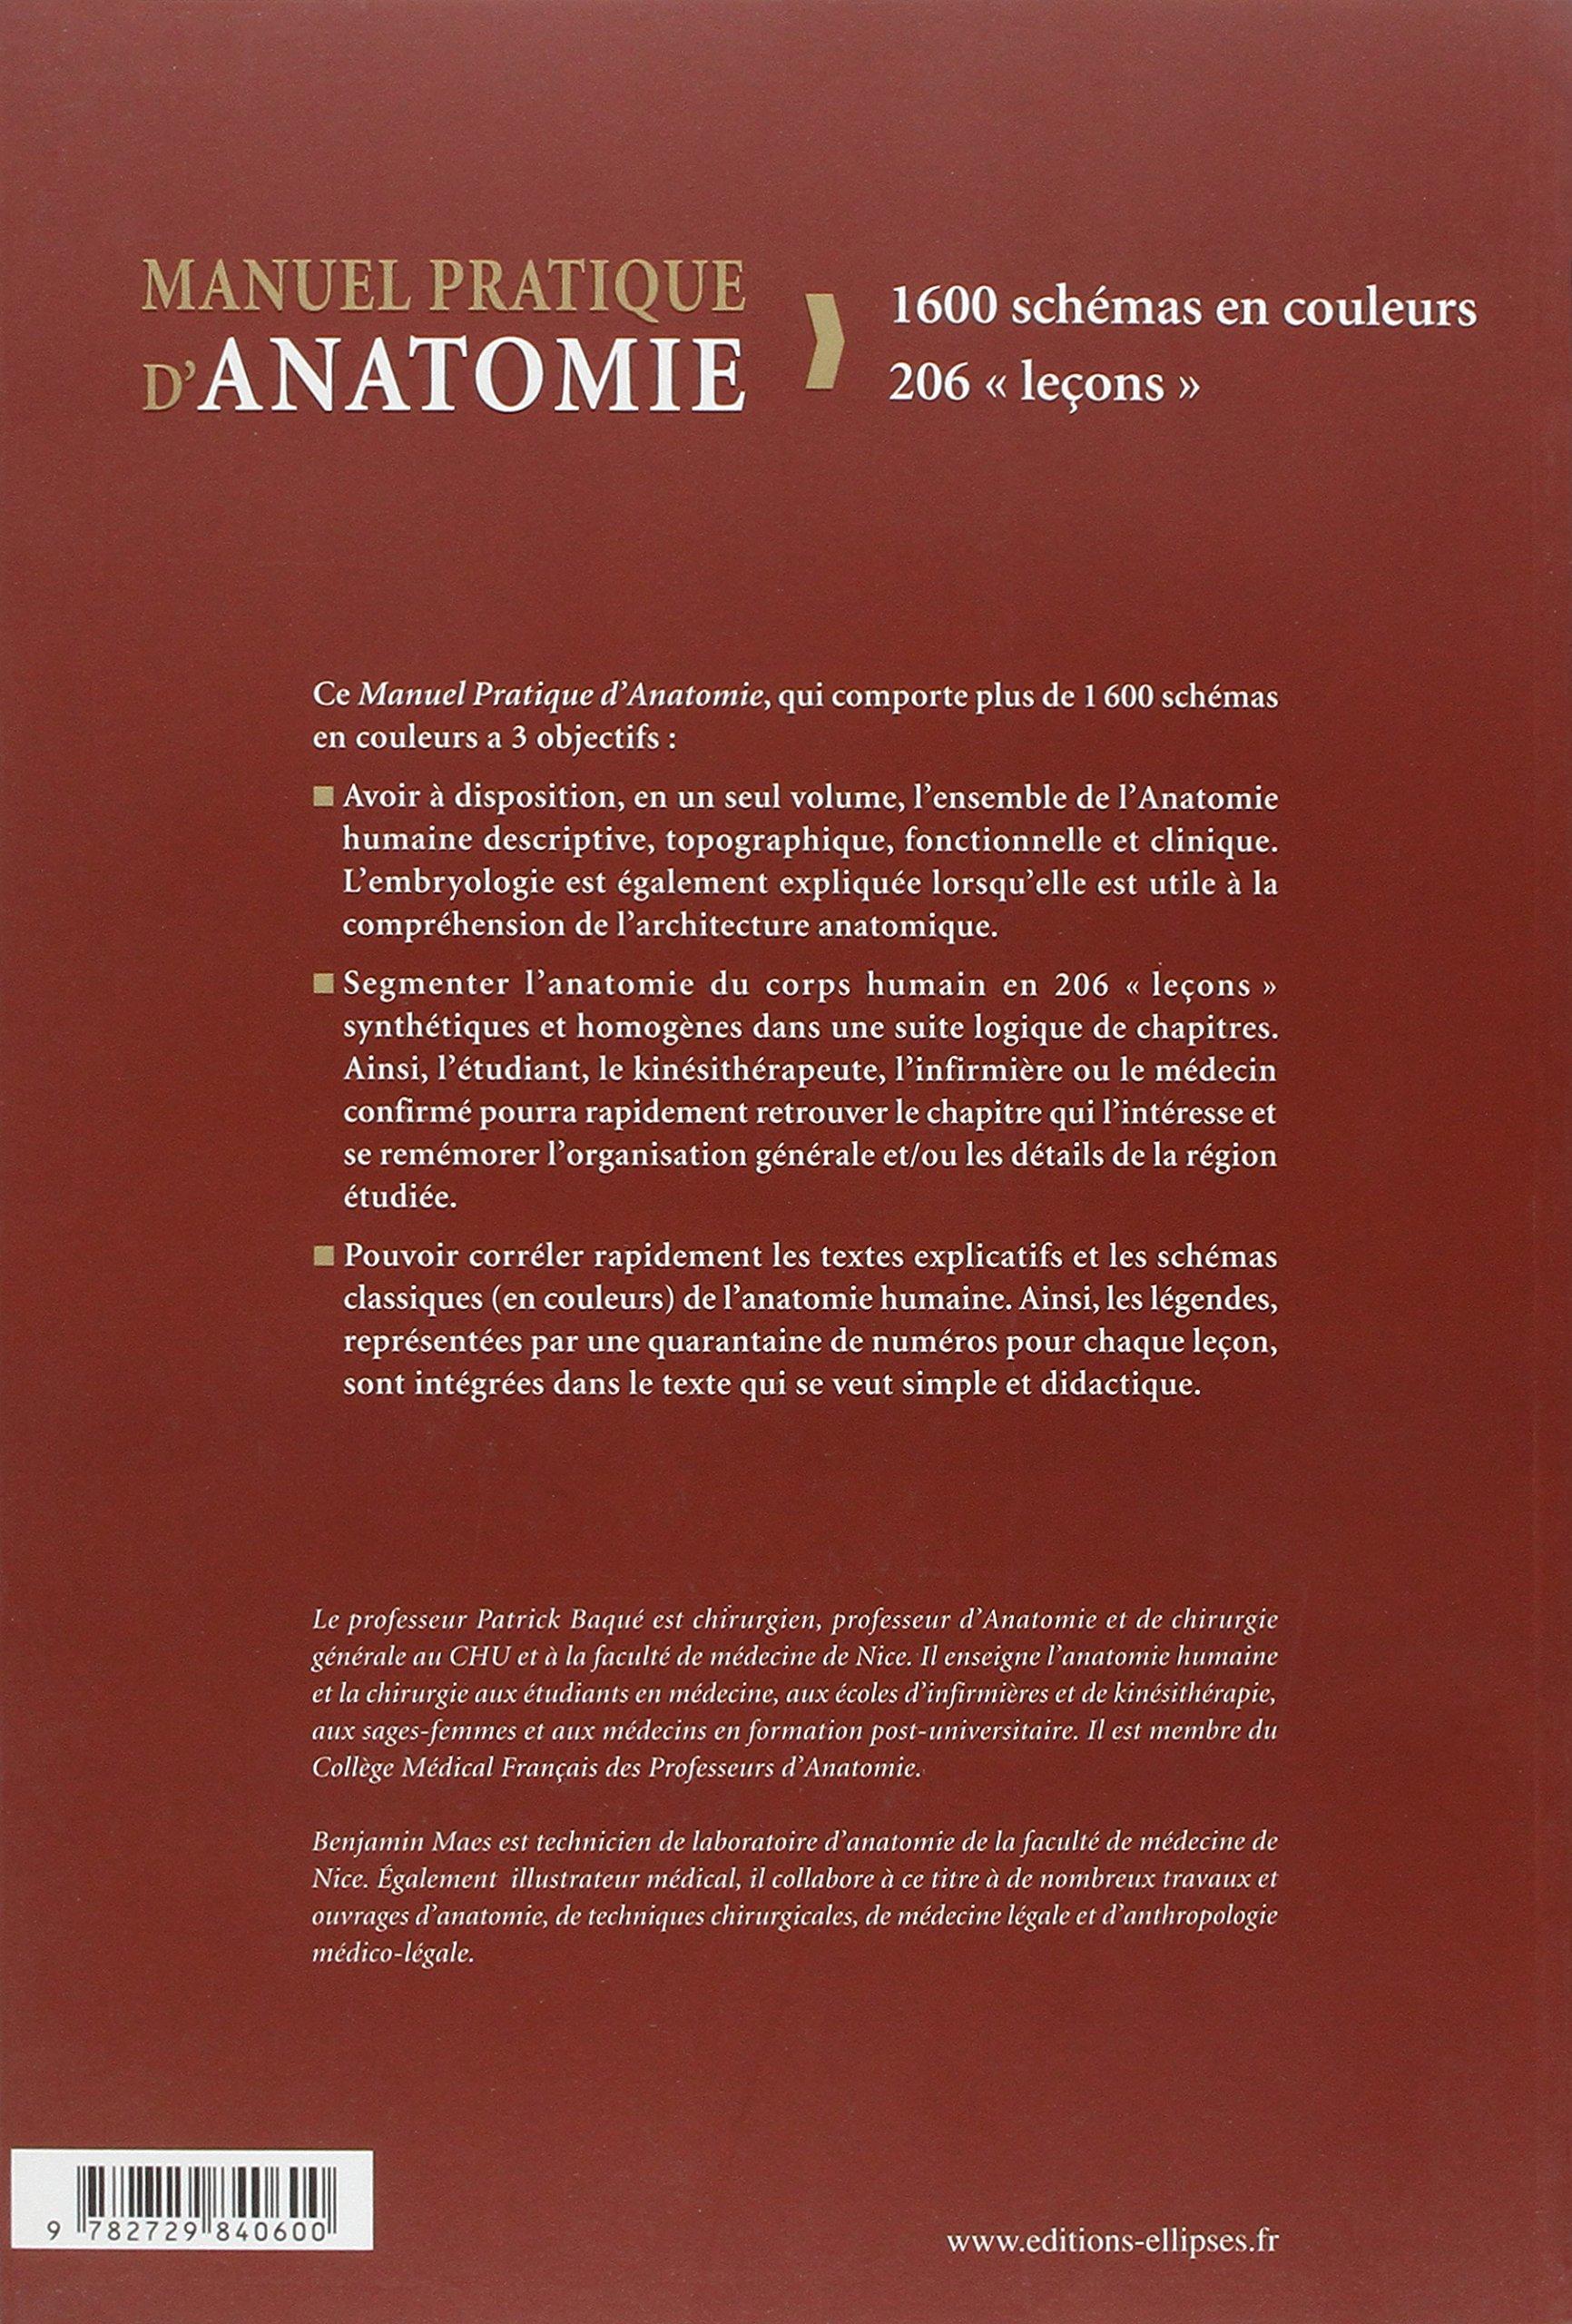 Manuel Pratique d\'Anatomie: Amazon.de: Patrick Baqué, Benjamin Maes ...